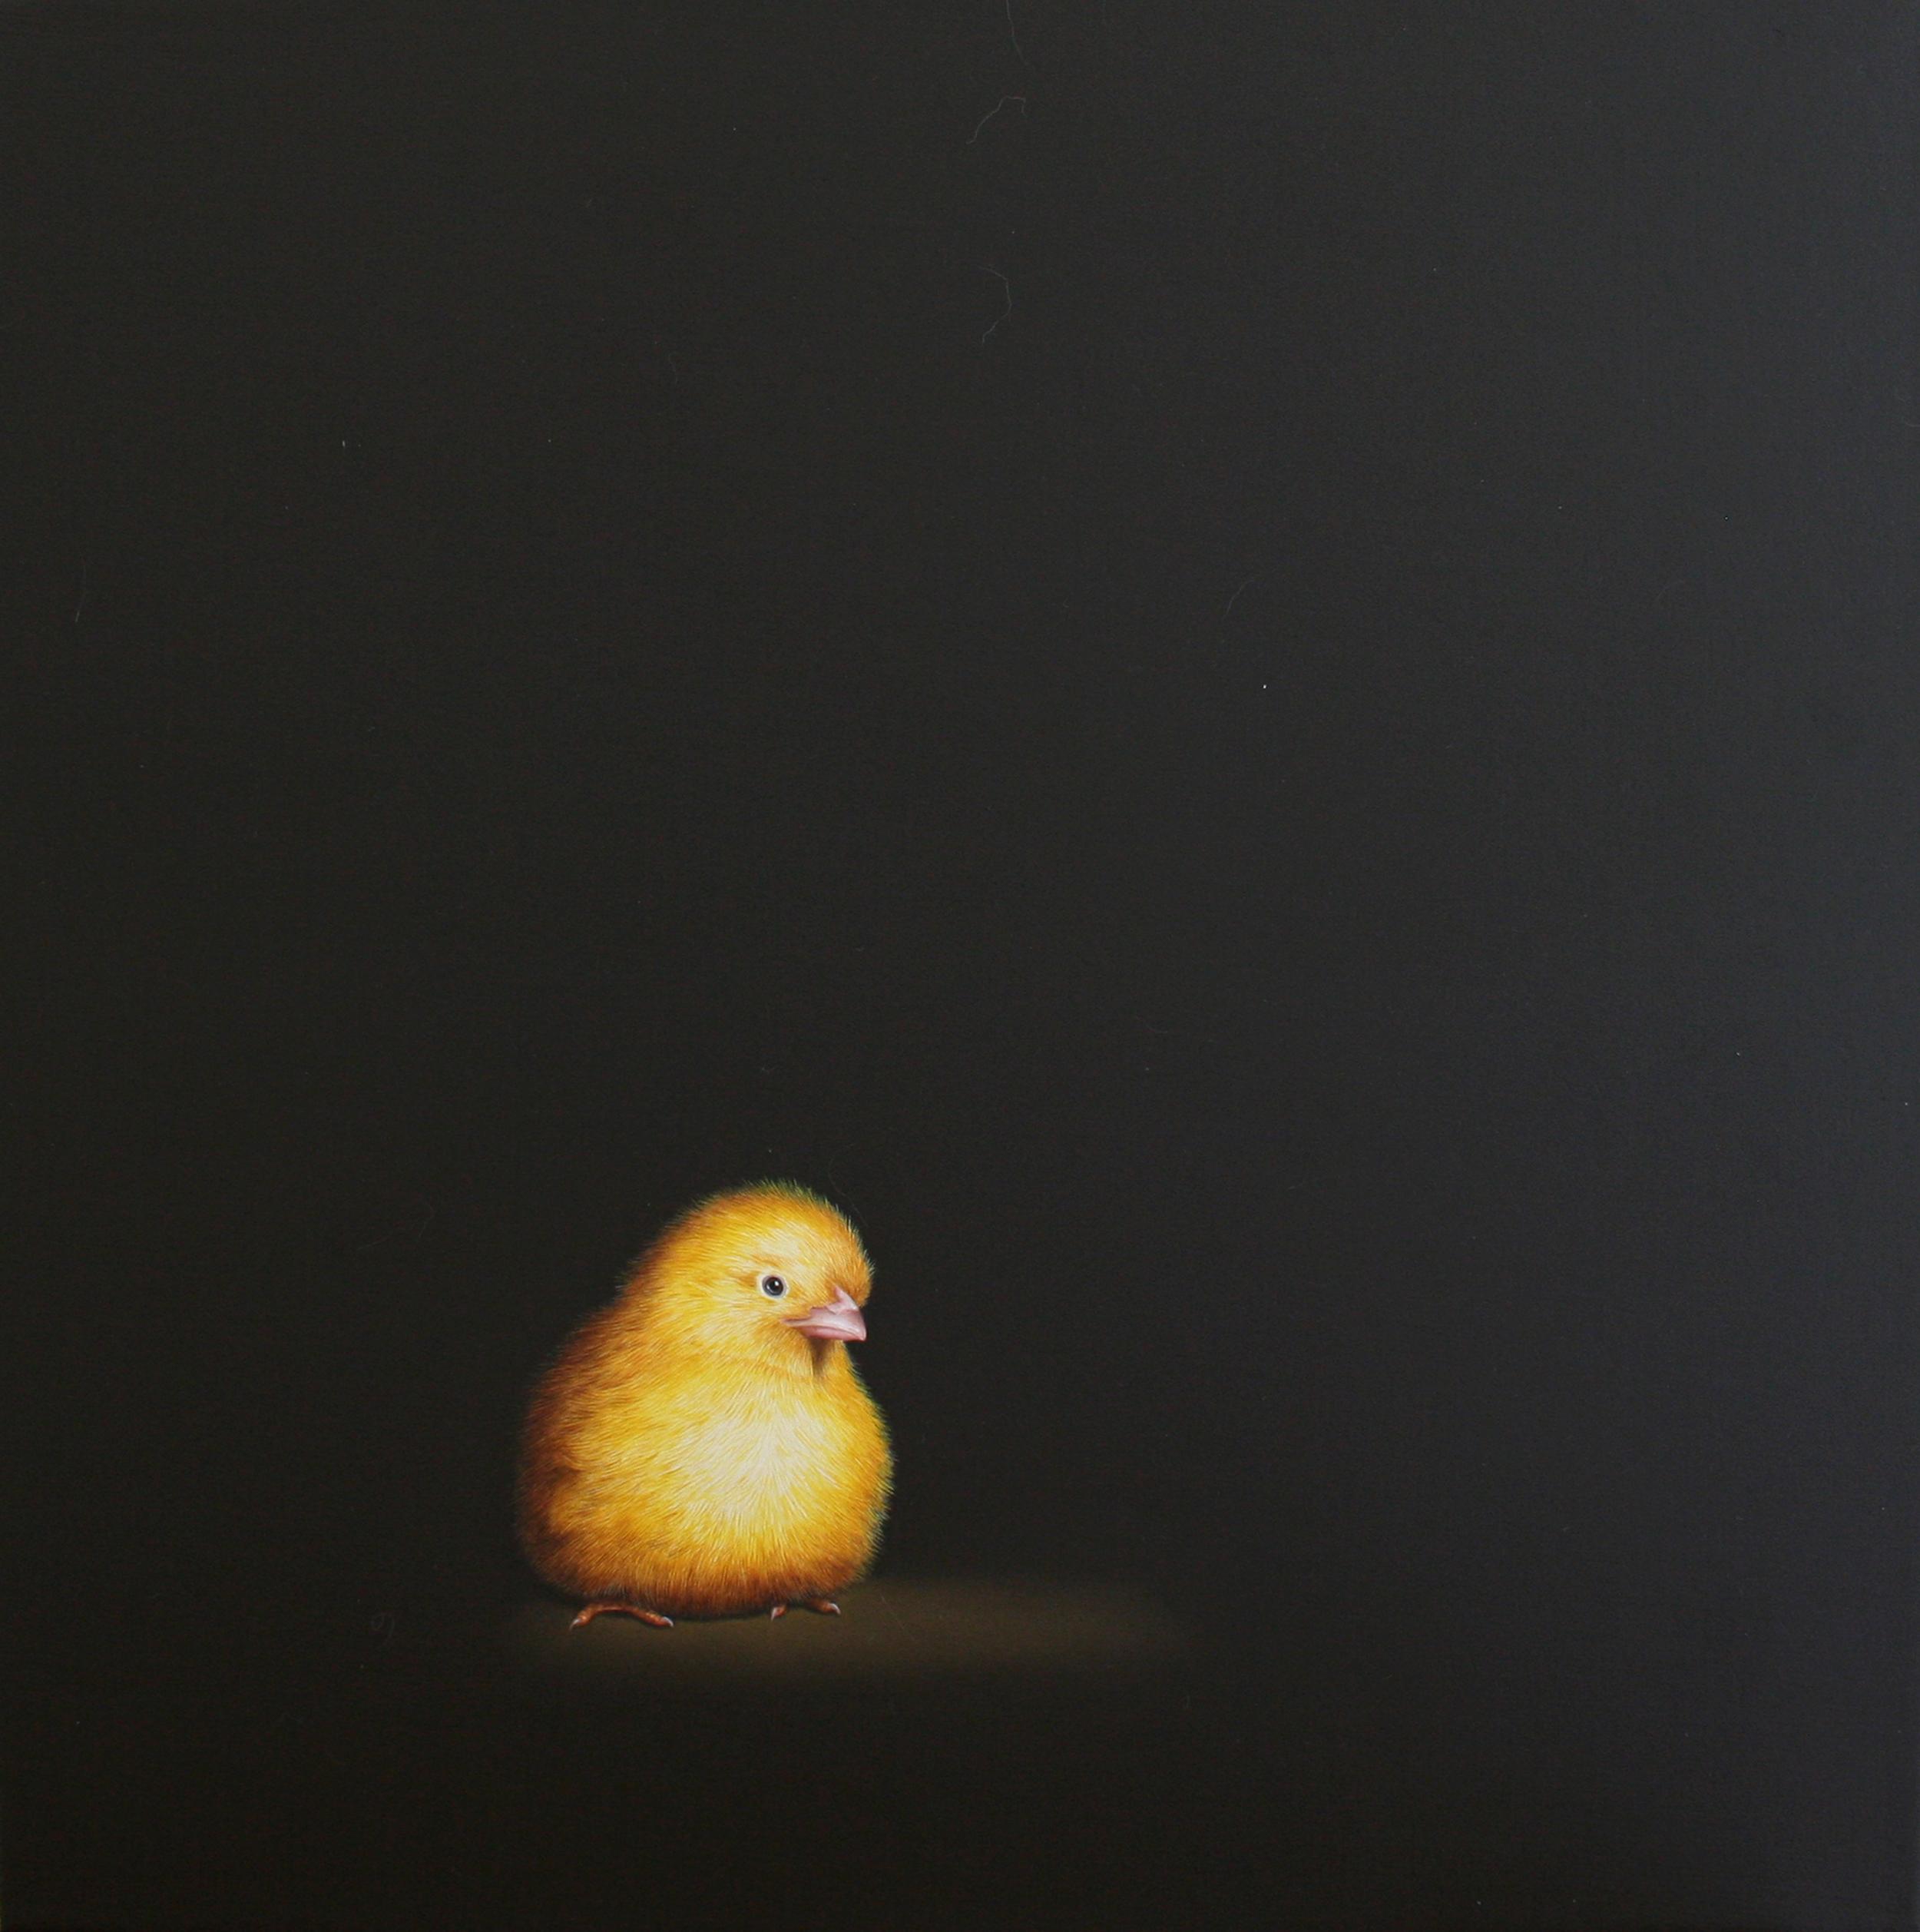 Chick2_12x12.jpg